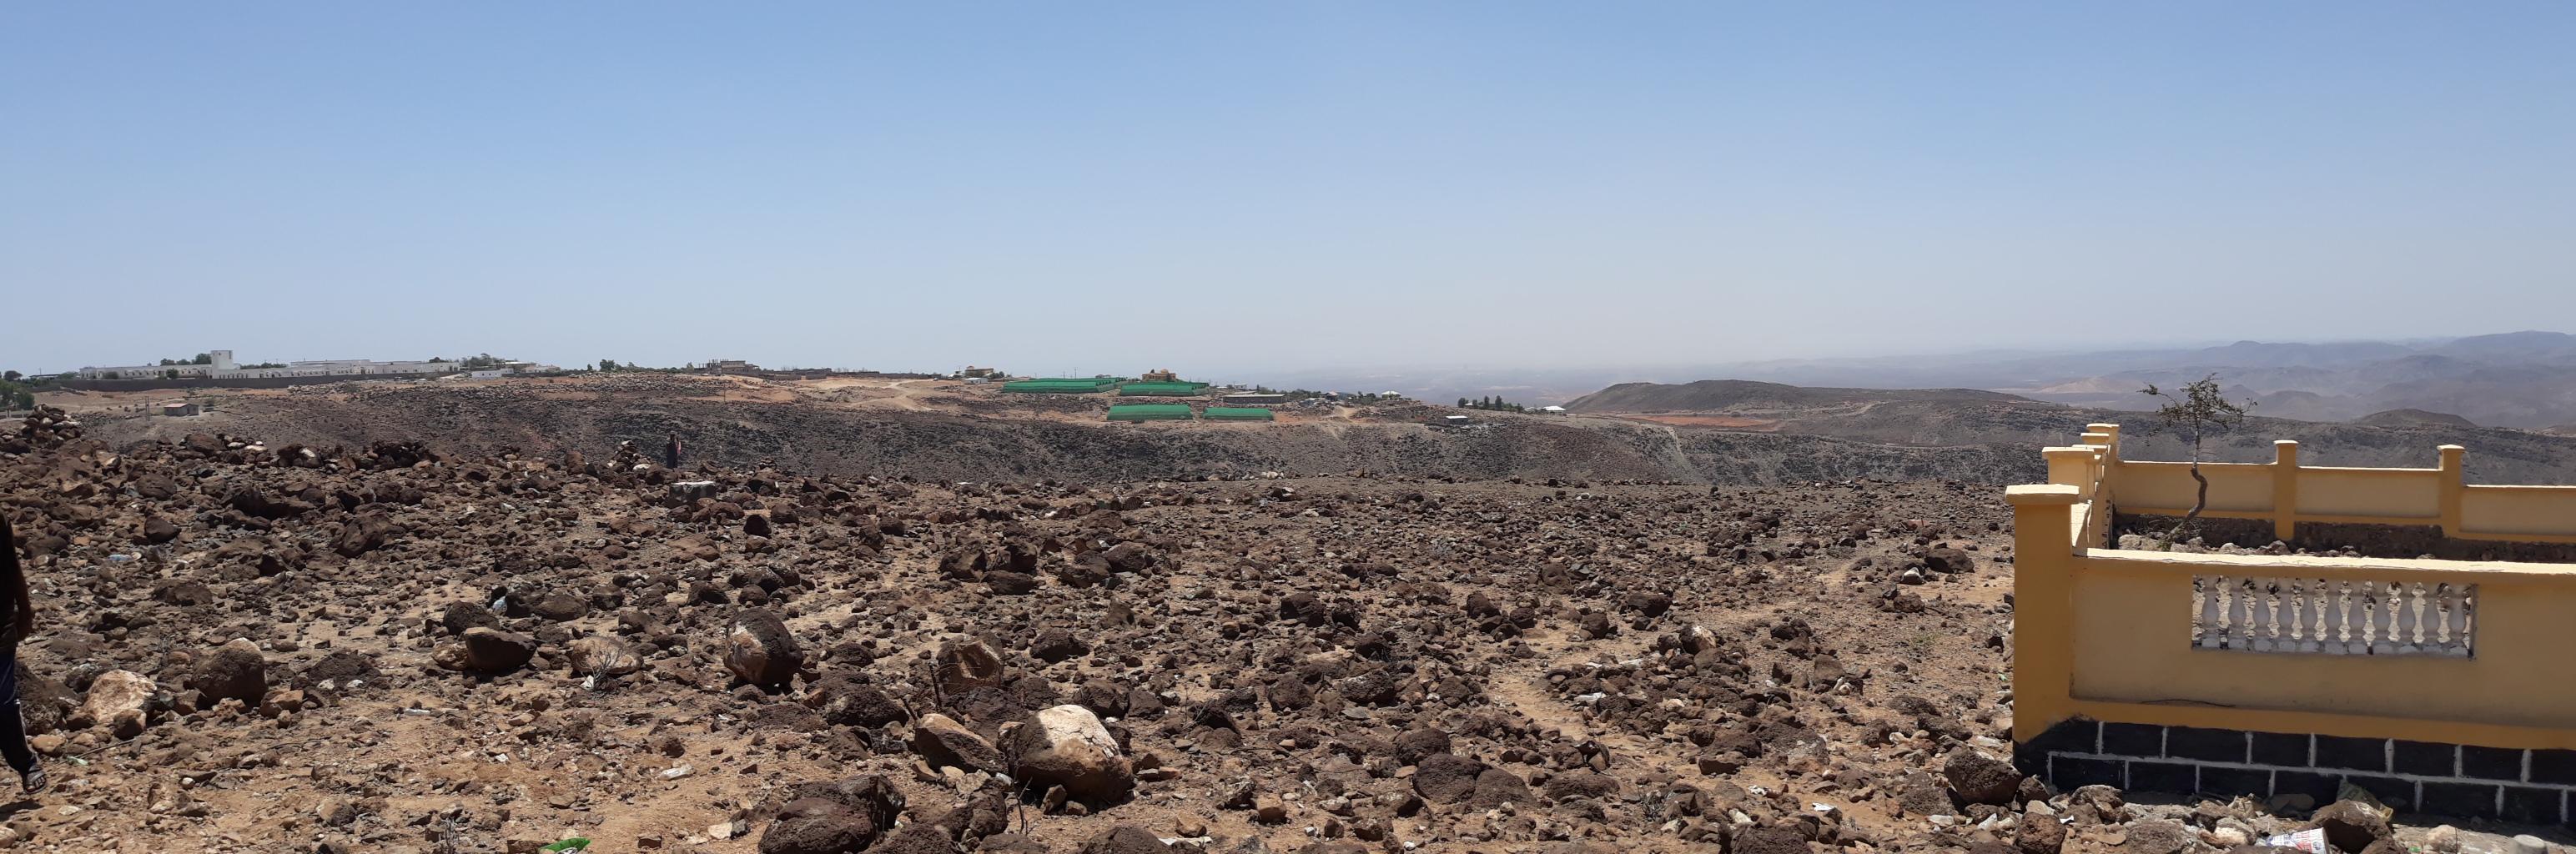 Terrain dans le secteur Barkat d'Arta